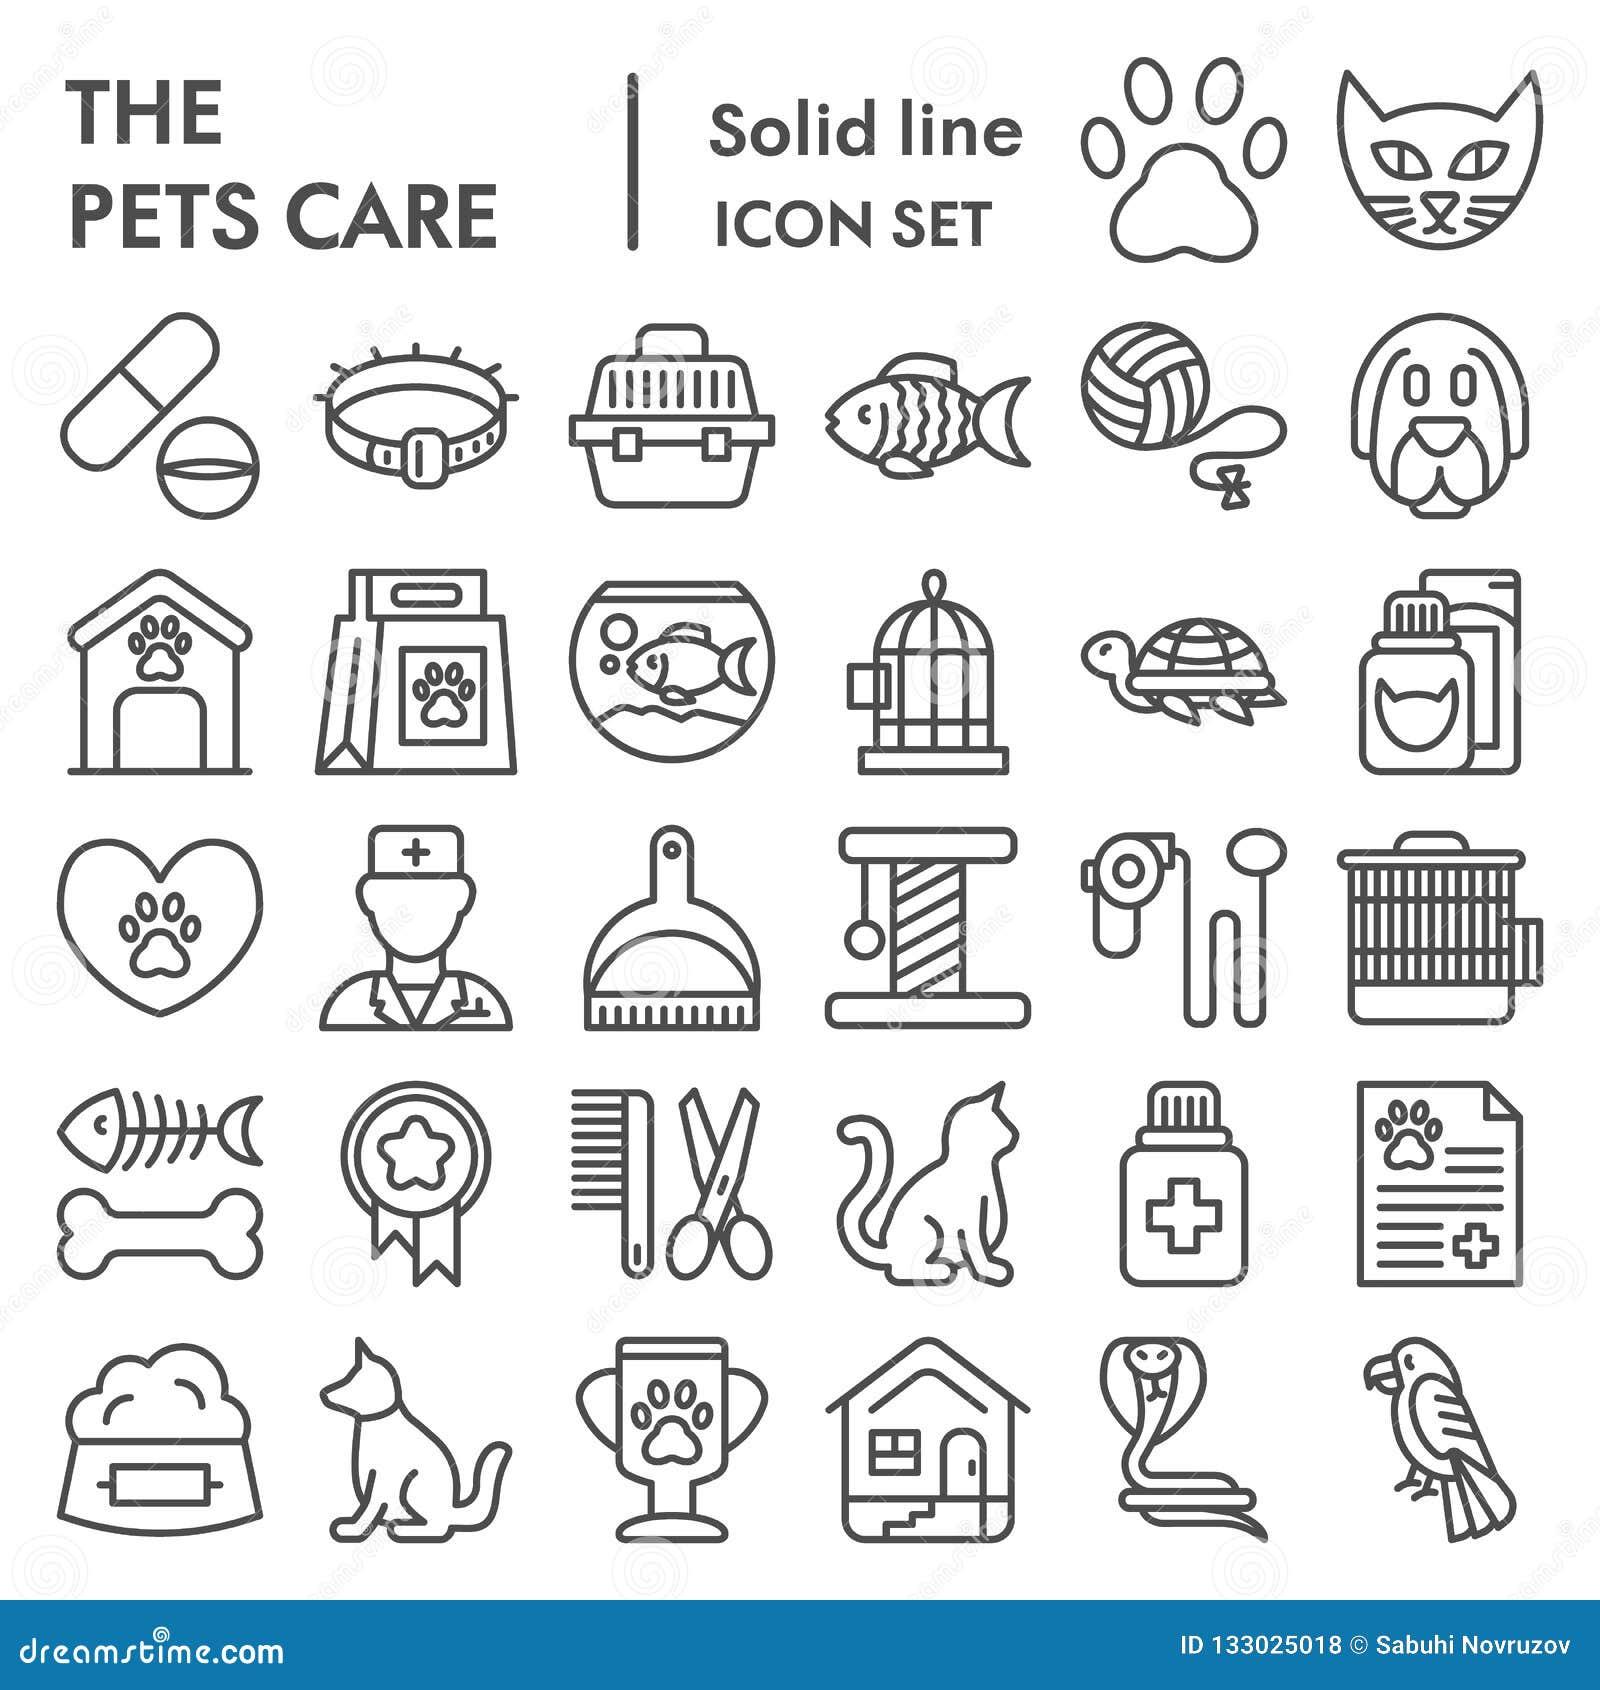 宠物照管线象集合,狩医标志汇集,传染媒介剪影,商标例证,动物标志线性图表